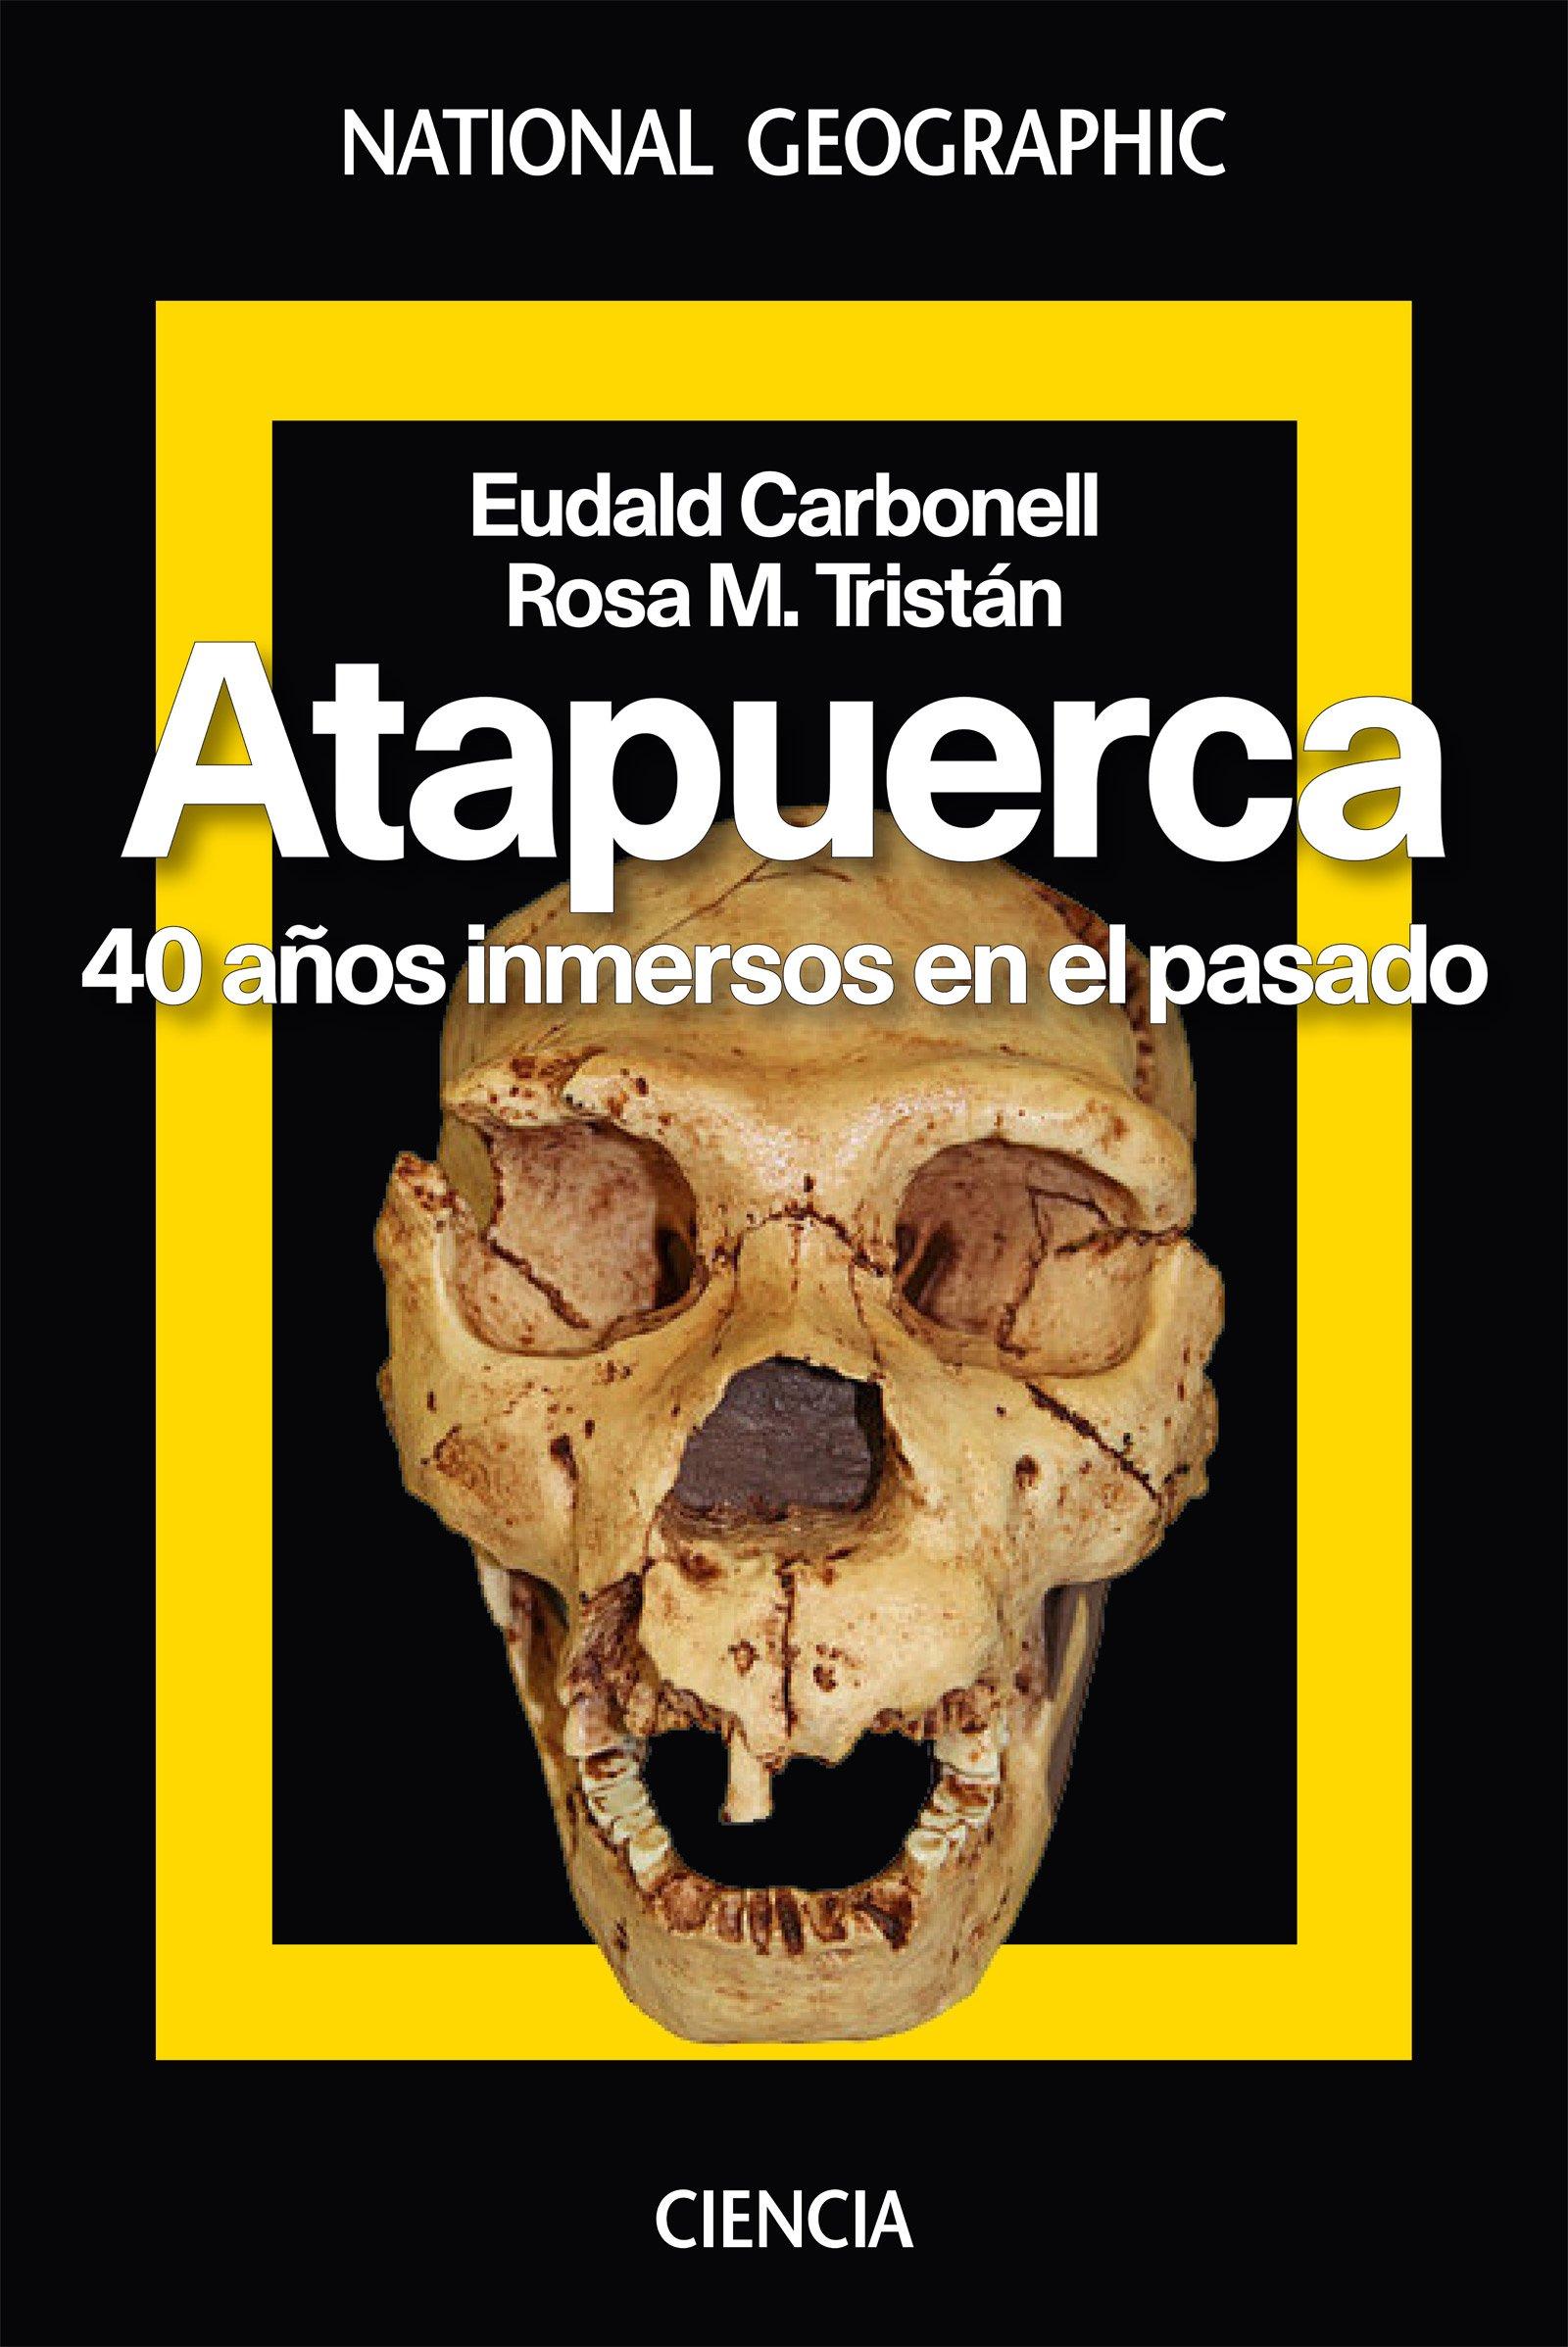 Atapuerca: 40 años inmersos en el pasado (NATGEO HISTORIA) Tapa dura – 1 ene 2018 ROSA MARIA TRISTAN EUDALD CARBONELL ROURA National Geographic 8482986619